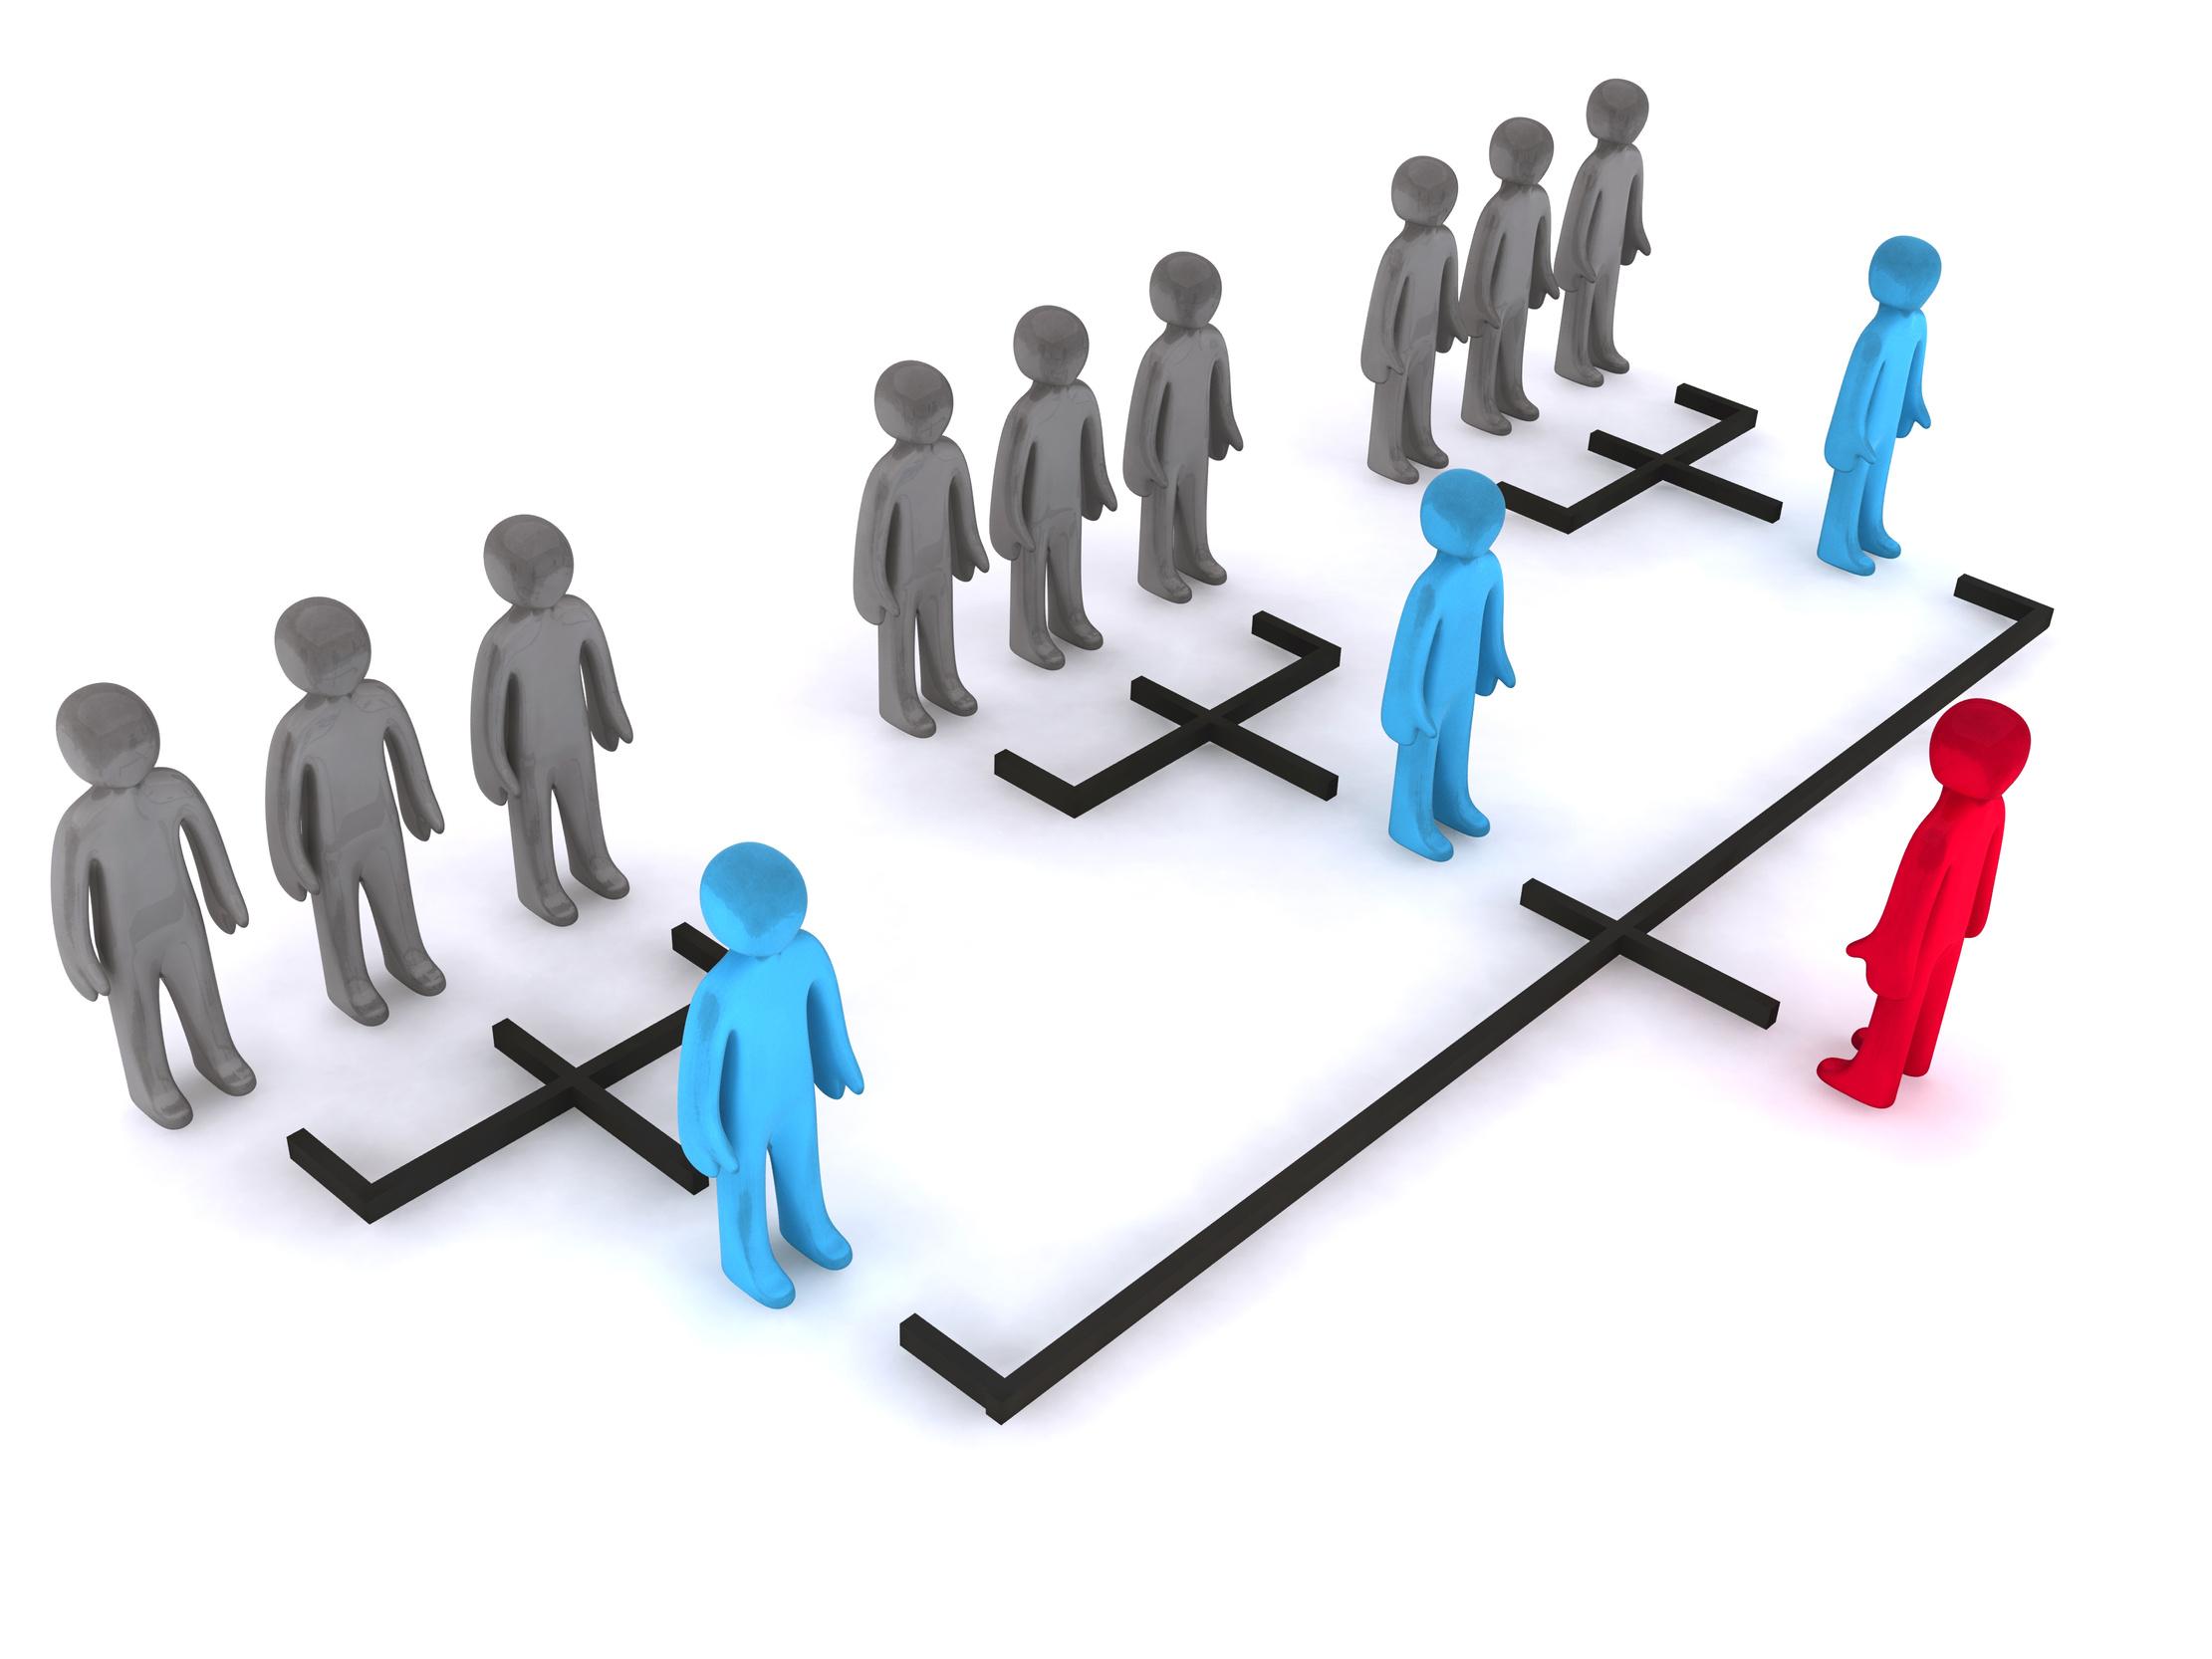 Xét xử 9 bị cáo trong đường dây kinh doanh đa cấp xuyên quốc gia | Pháp  luật | Vietnam+ (VietnamPlus)